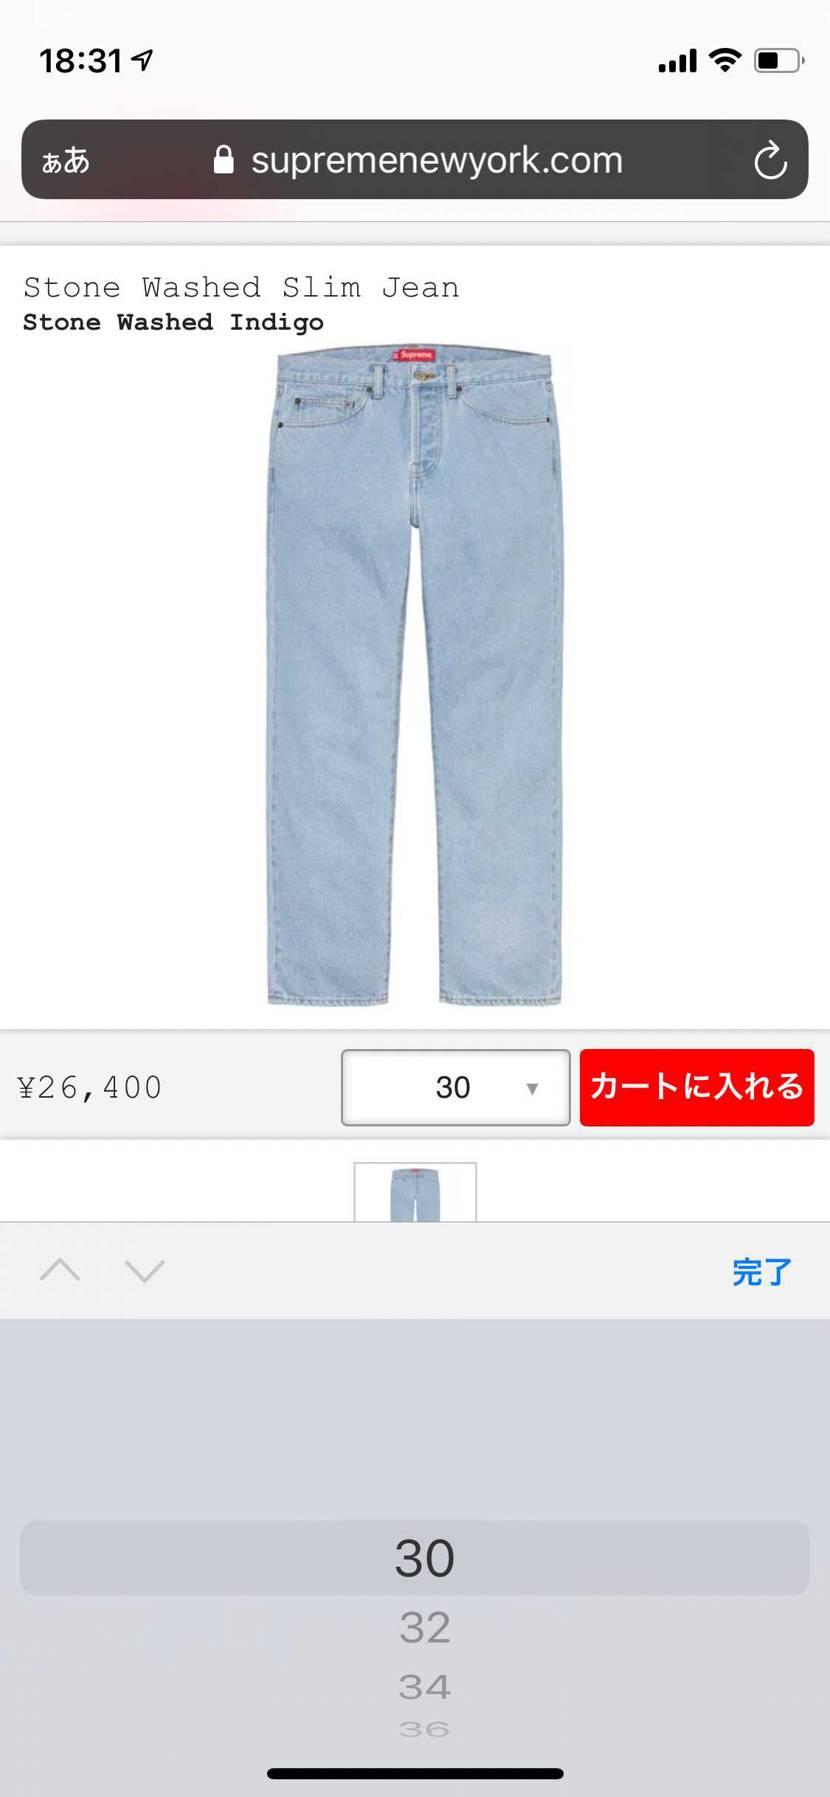 supreme pants のサイズ30履いている方 身長おいくつですか??是非